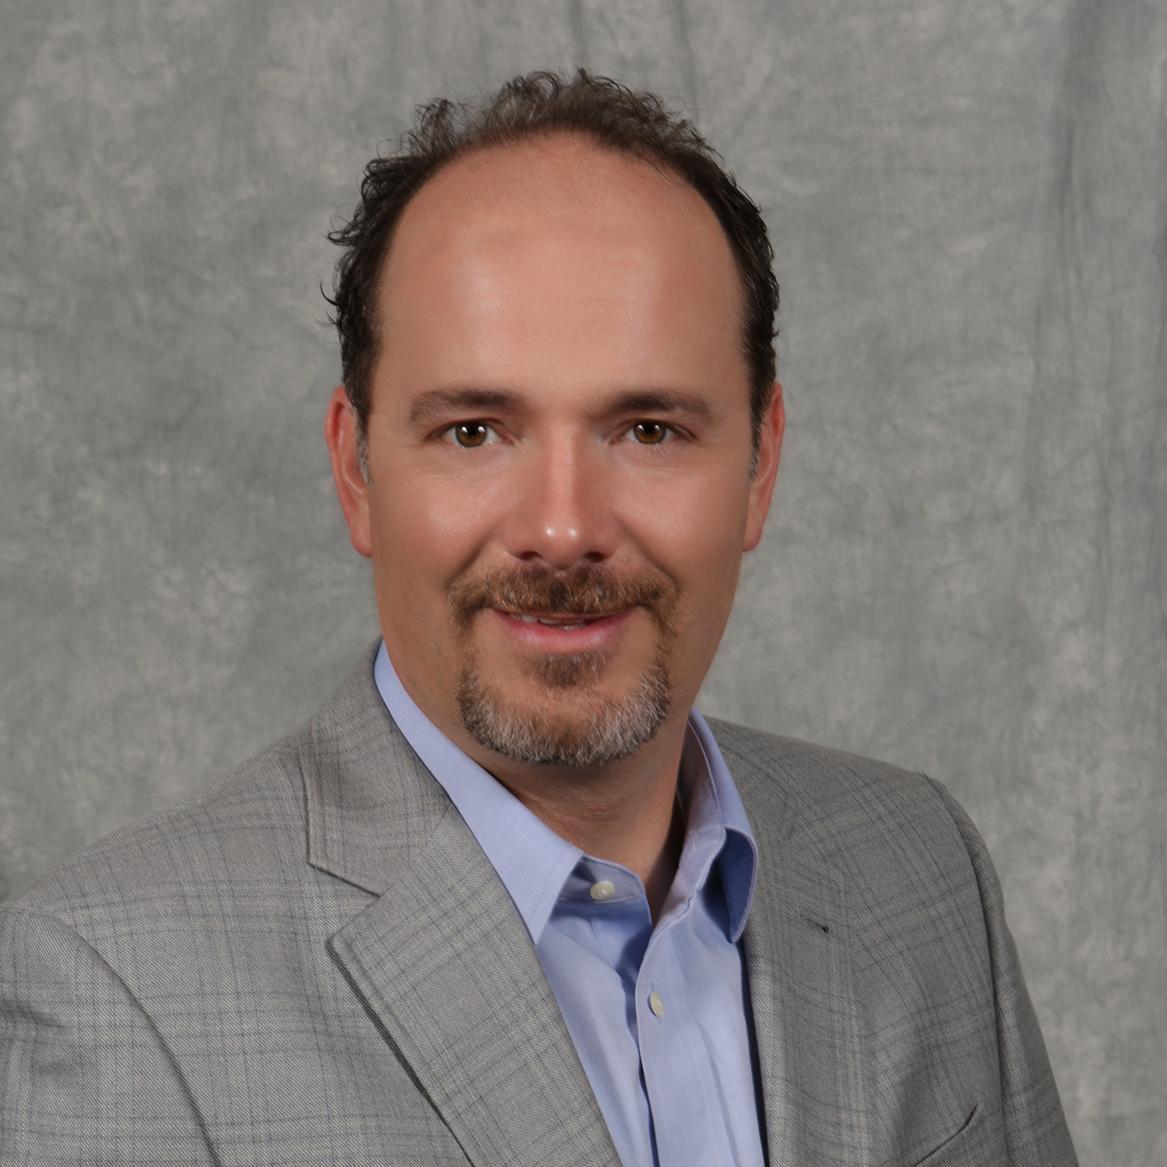 John Fiore Profile Photo